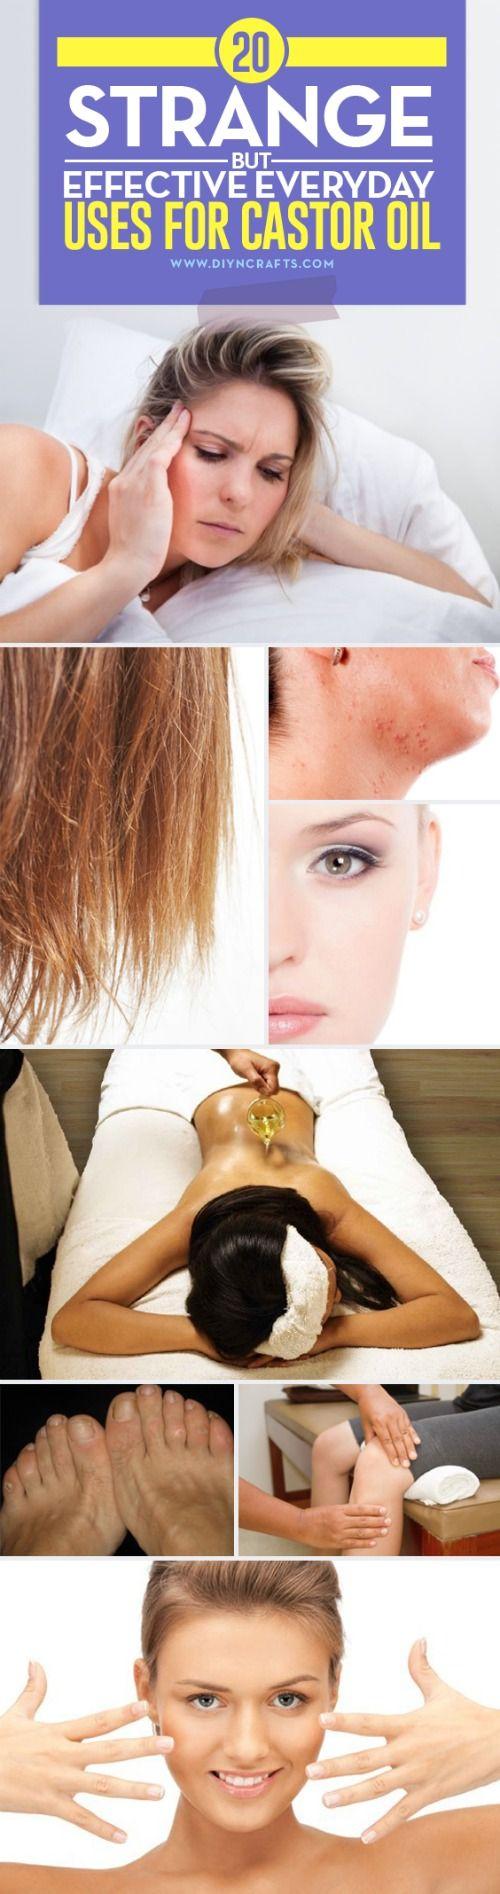 20 Strange but Effective Everyday Uses for Castor Oil via @vanessacrafting #health #beauty #castoroil